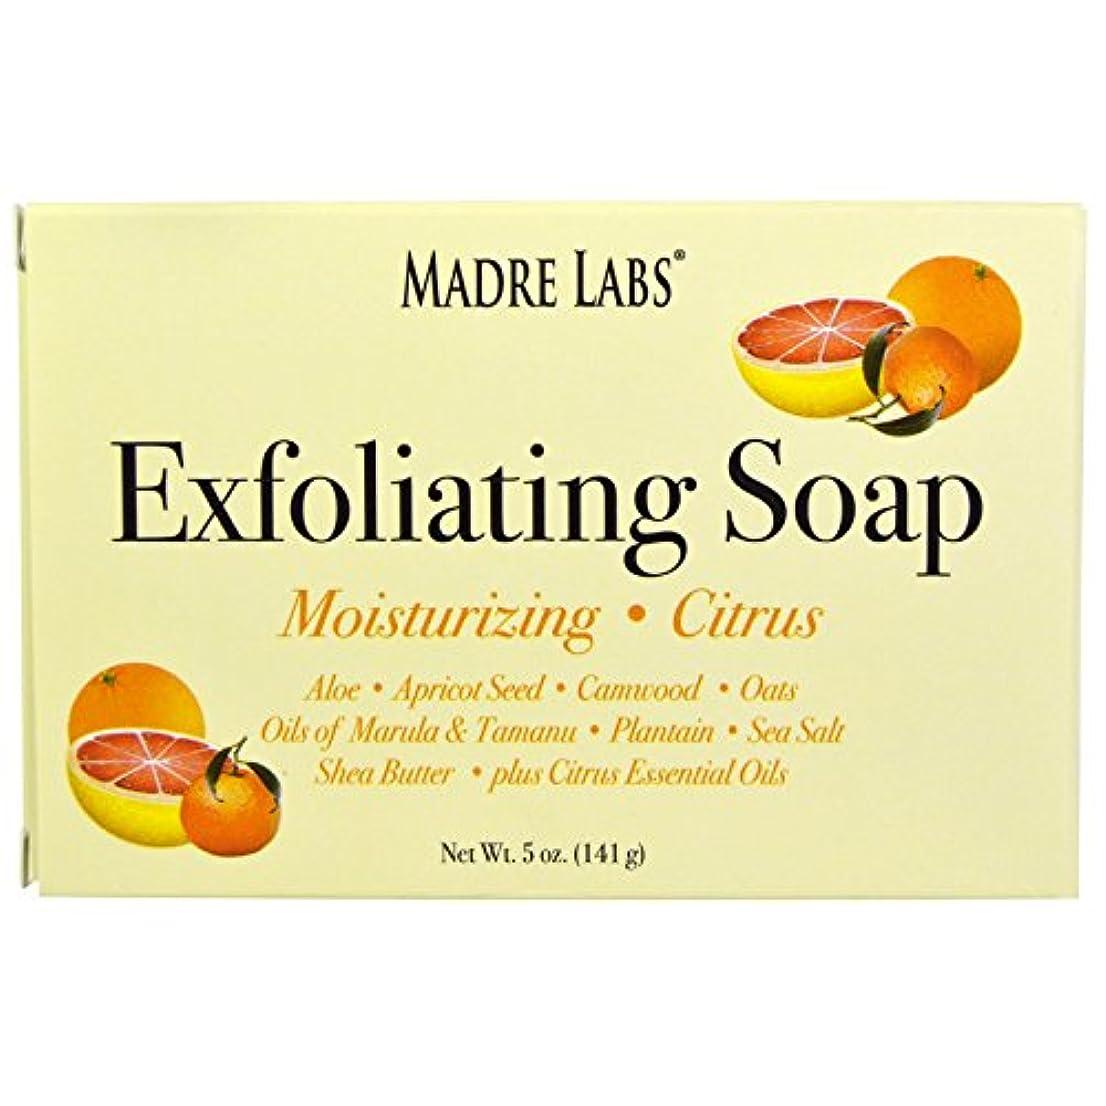 原油相互昆虫マドレラブ シアバター入り石鹸 柑橘フレーバー Madre Labs Exfoliating Soap Bar with Marula & Tamanu Oils plus Shea Butter